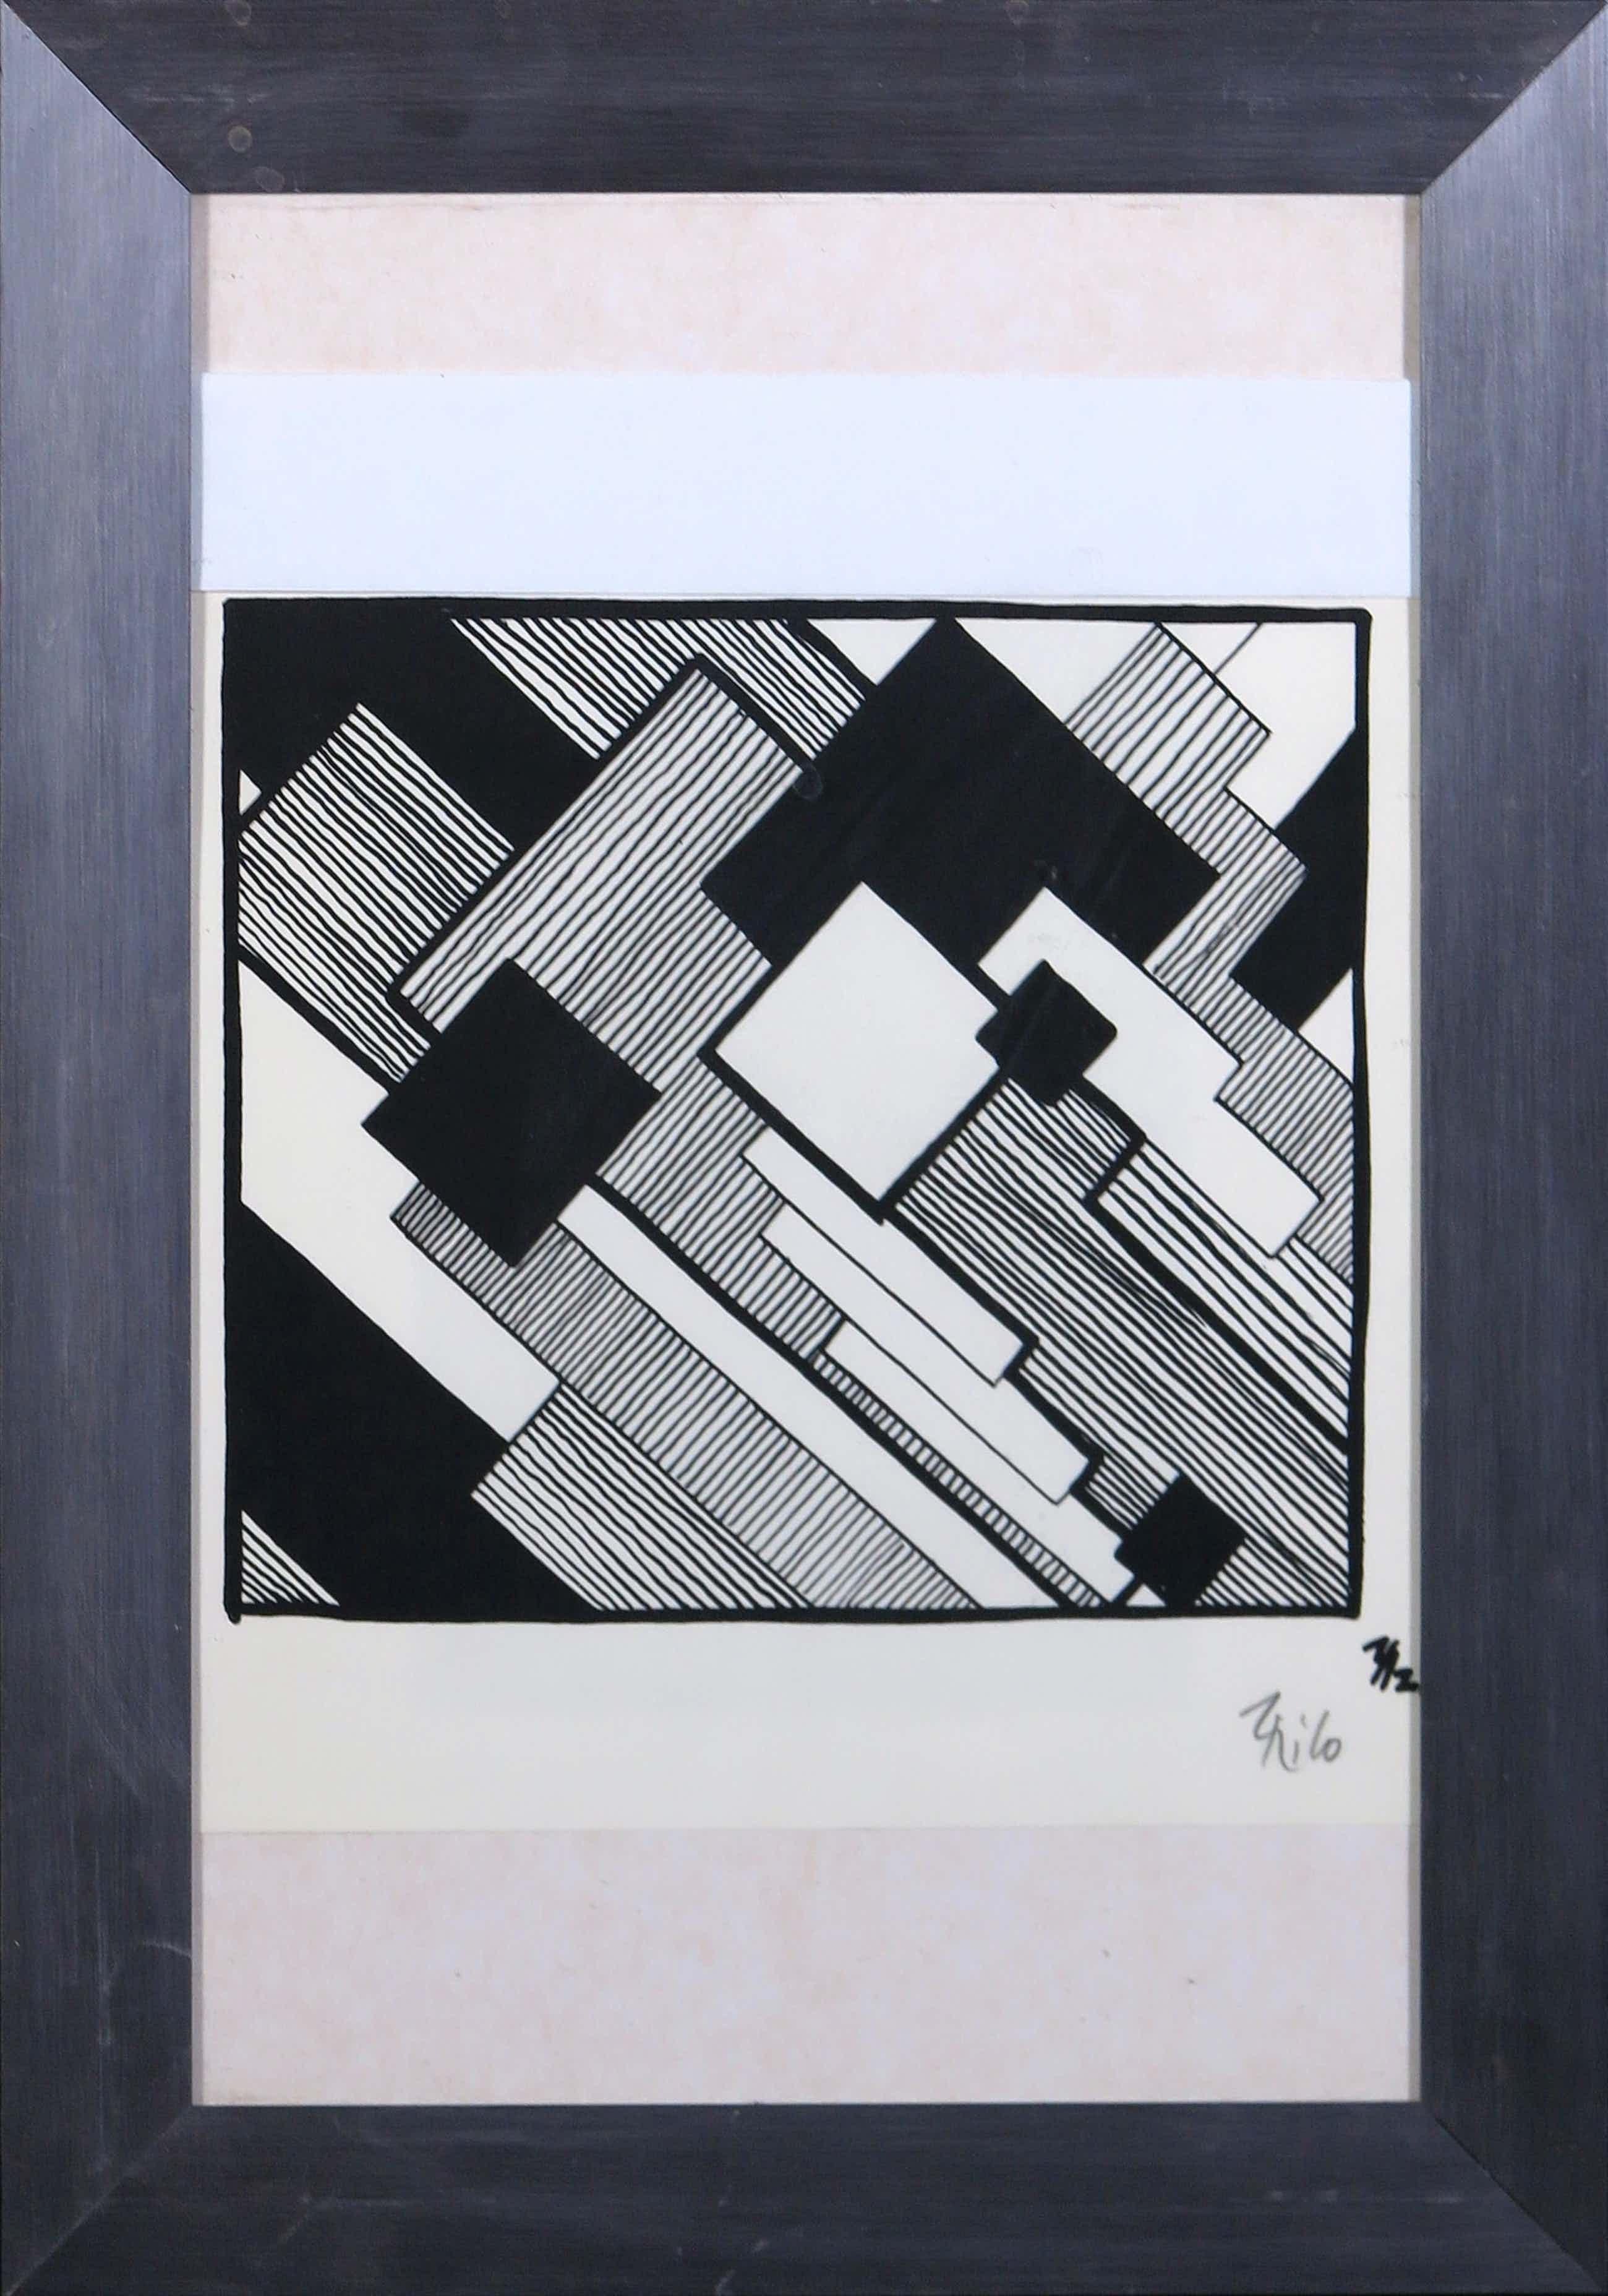 Thilo Maatsch - Houtsnede, Abstracte compositie - Ingelijst kopen? Bied vanaf 80!